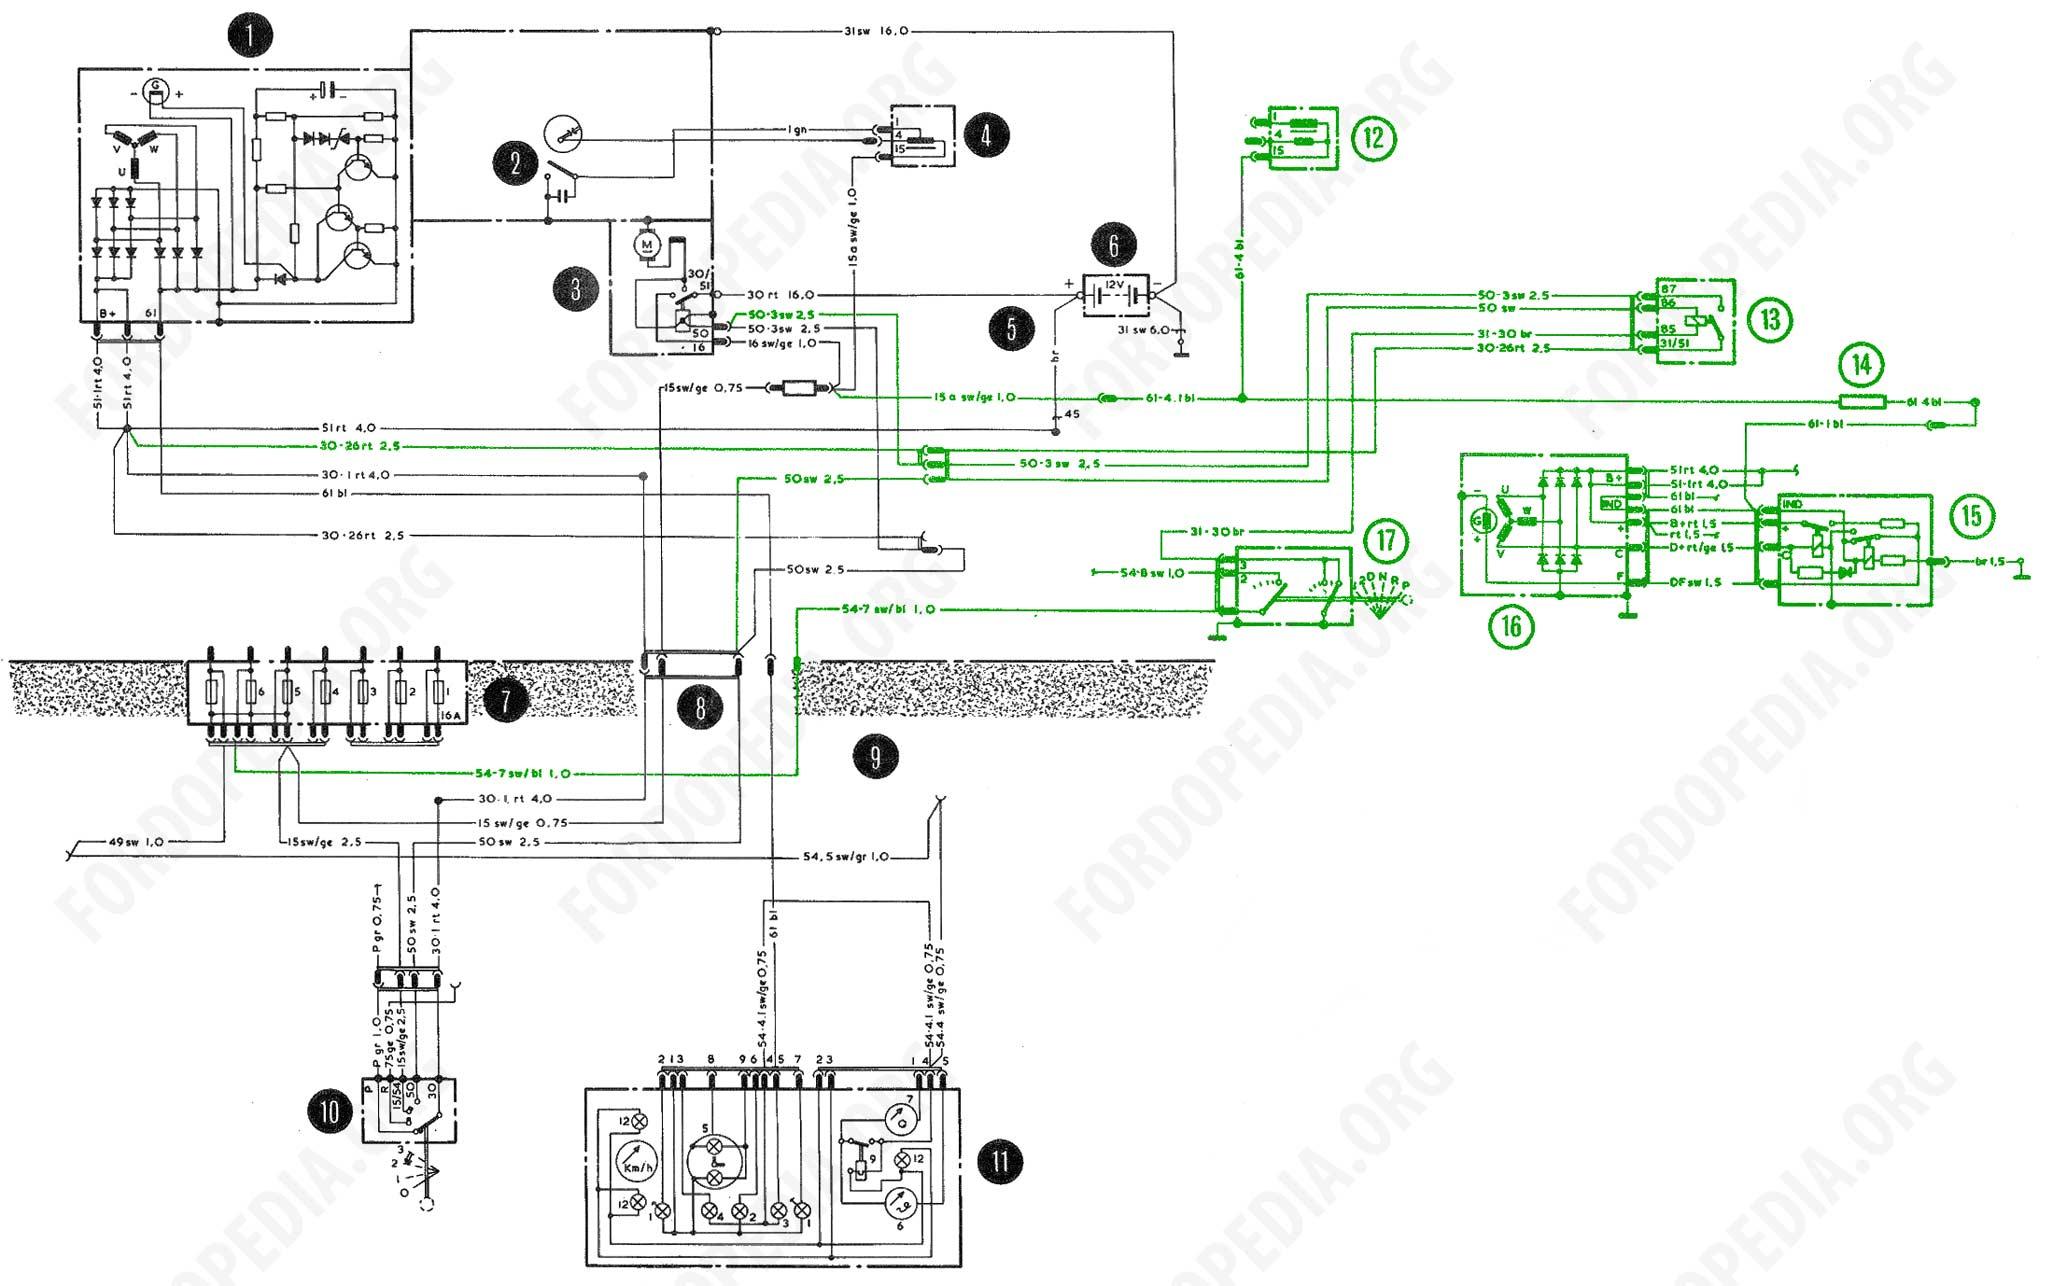 Ignition Circuit Wiring - Wiring Diagram Blog - Ford Ignition Coil Wiring Diagram